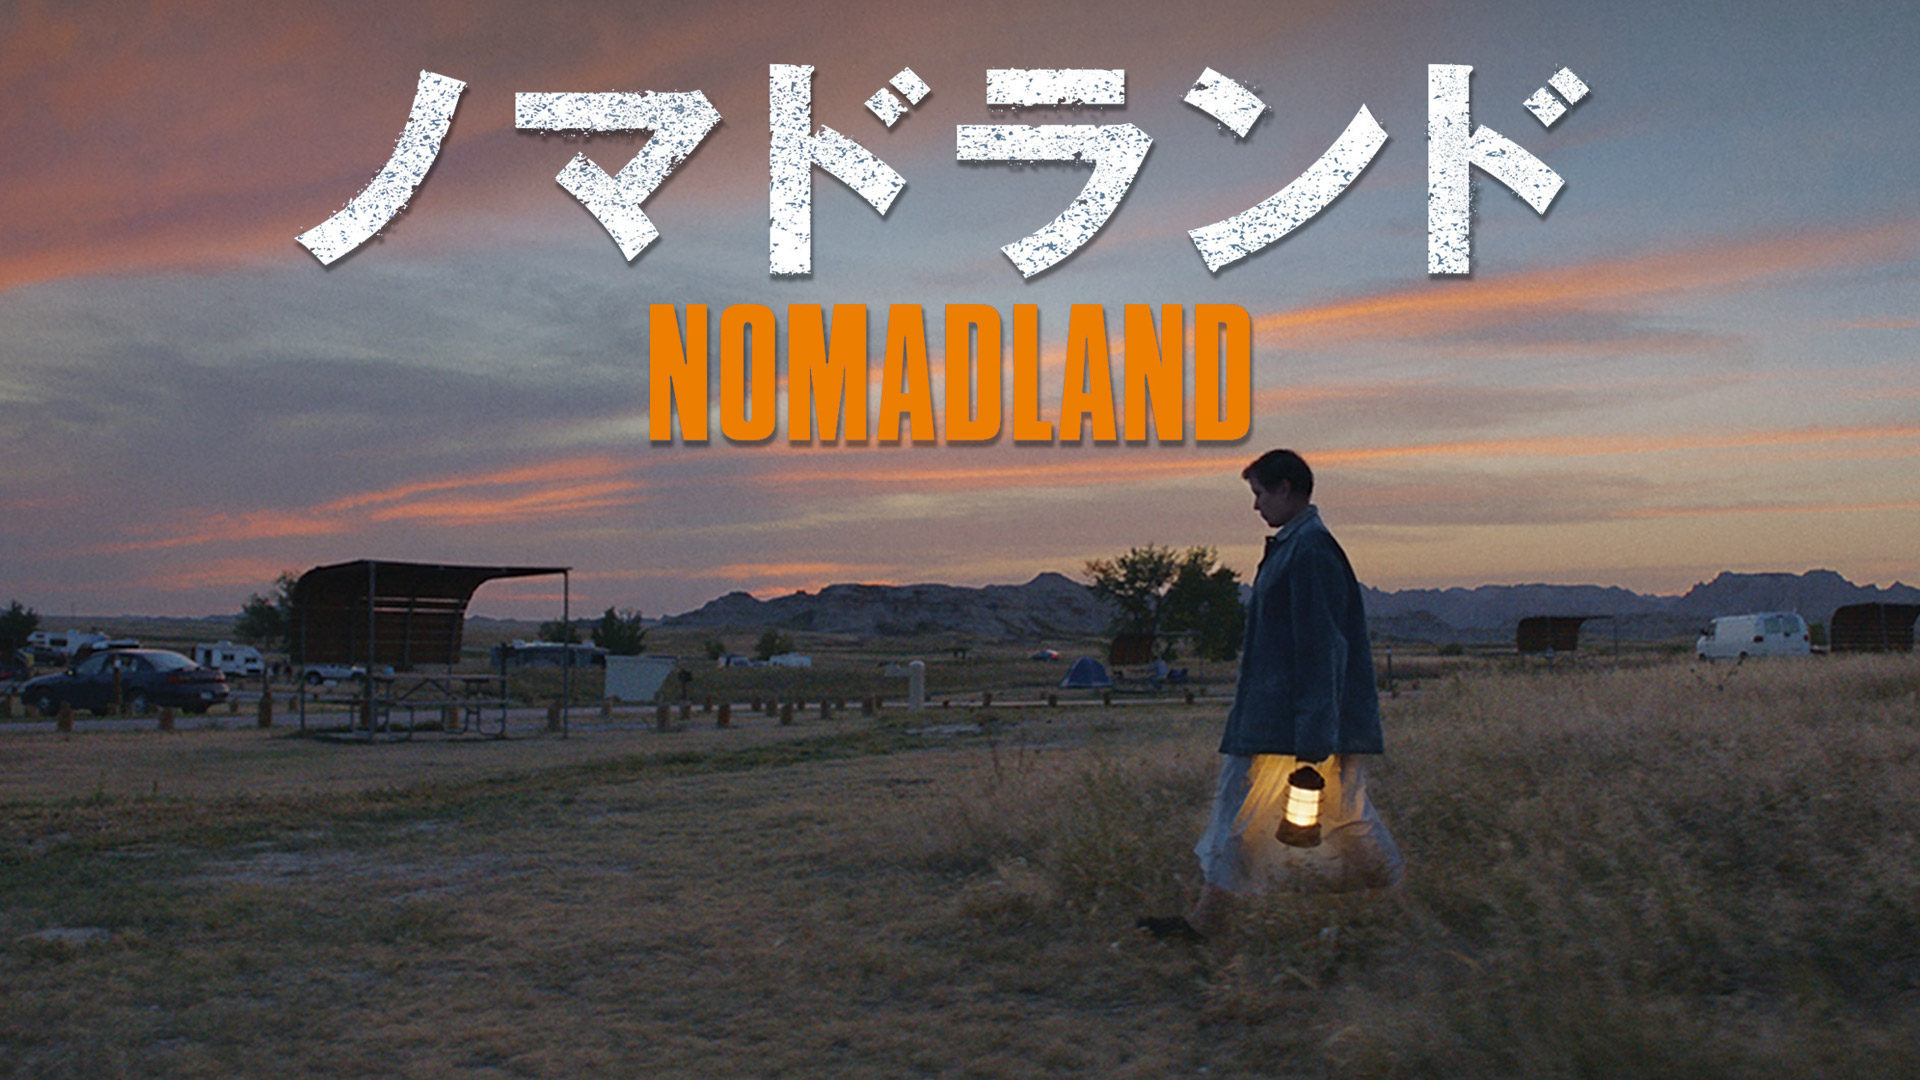 ノマドランド (字幕版)